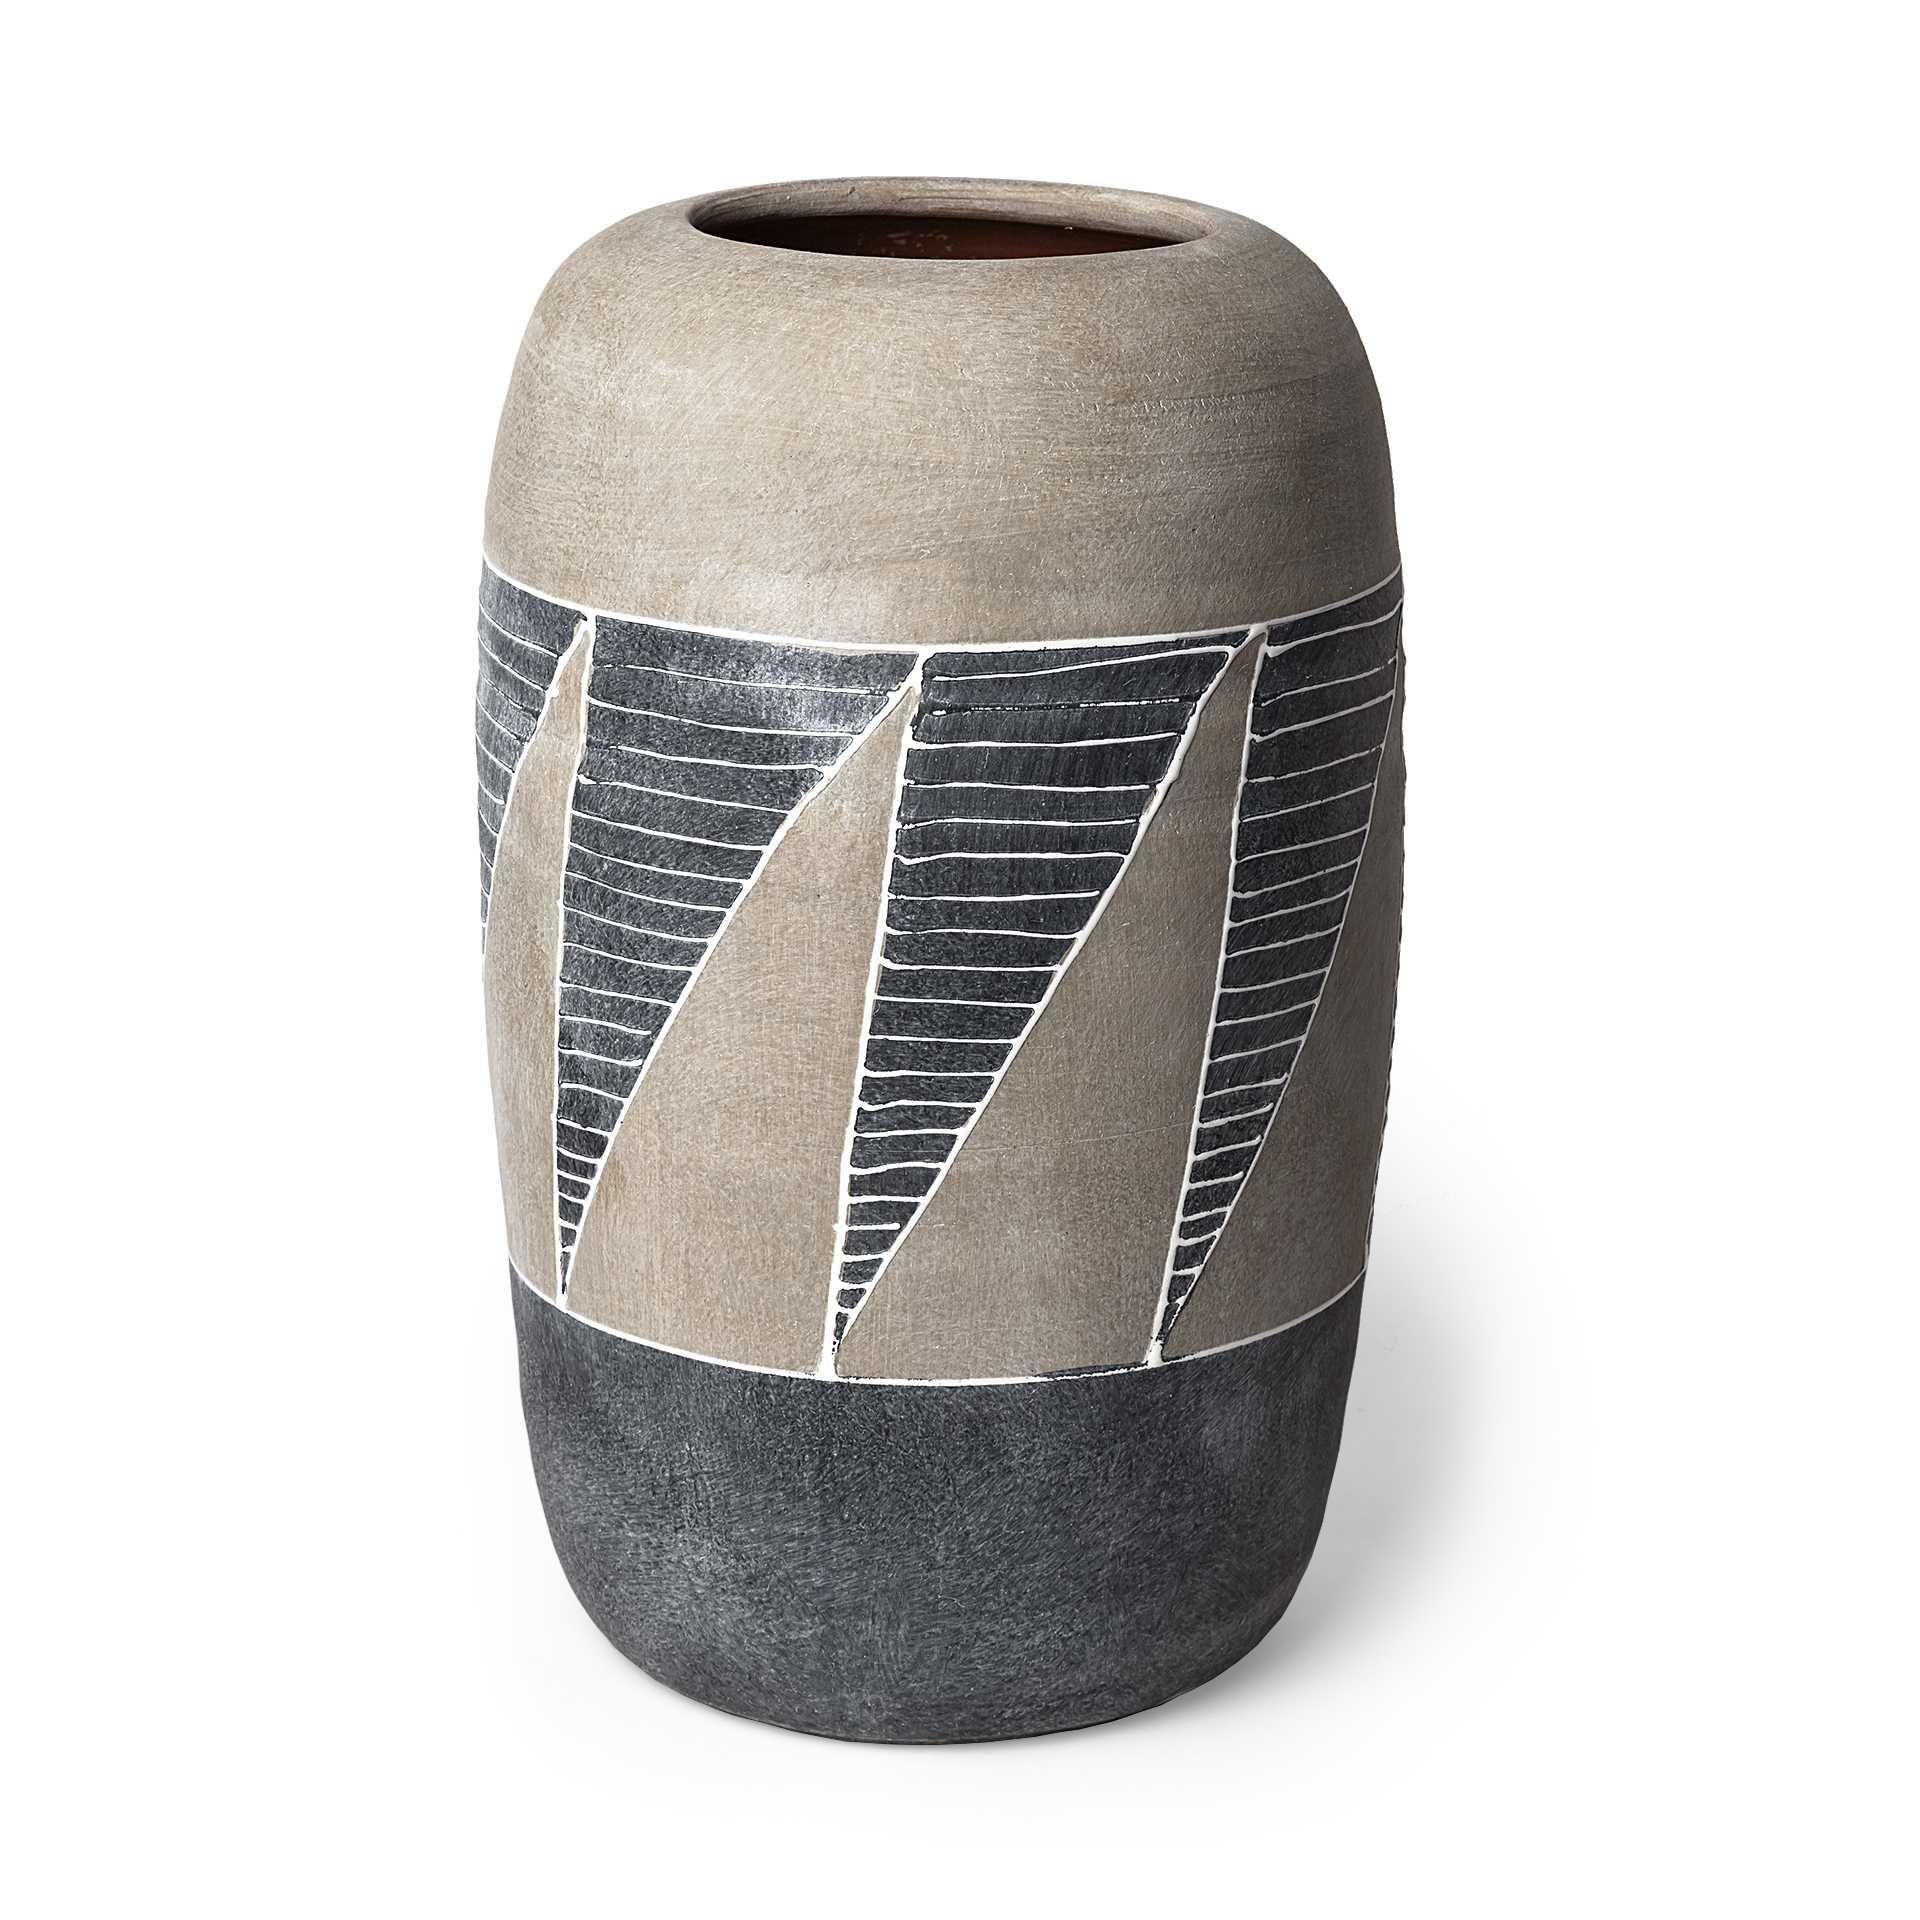 Grey and Brown Ceramic Vase